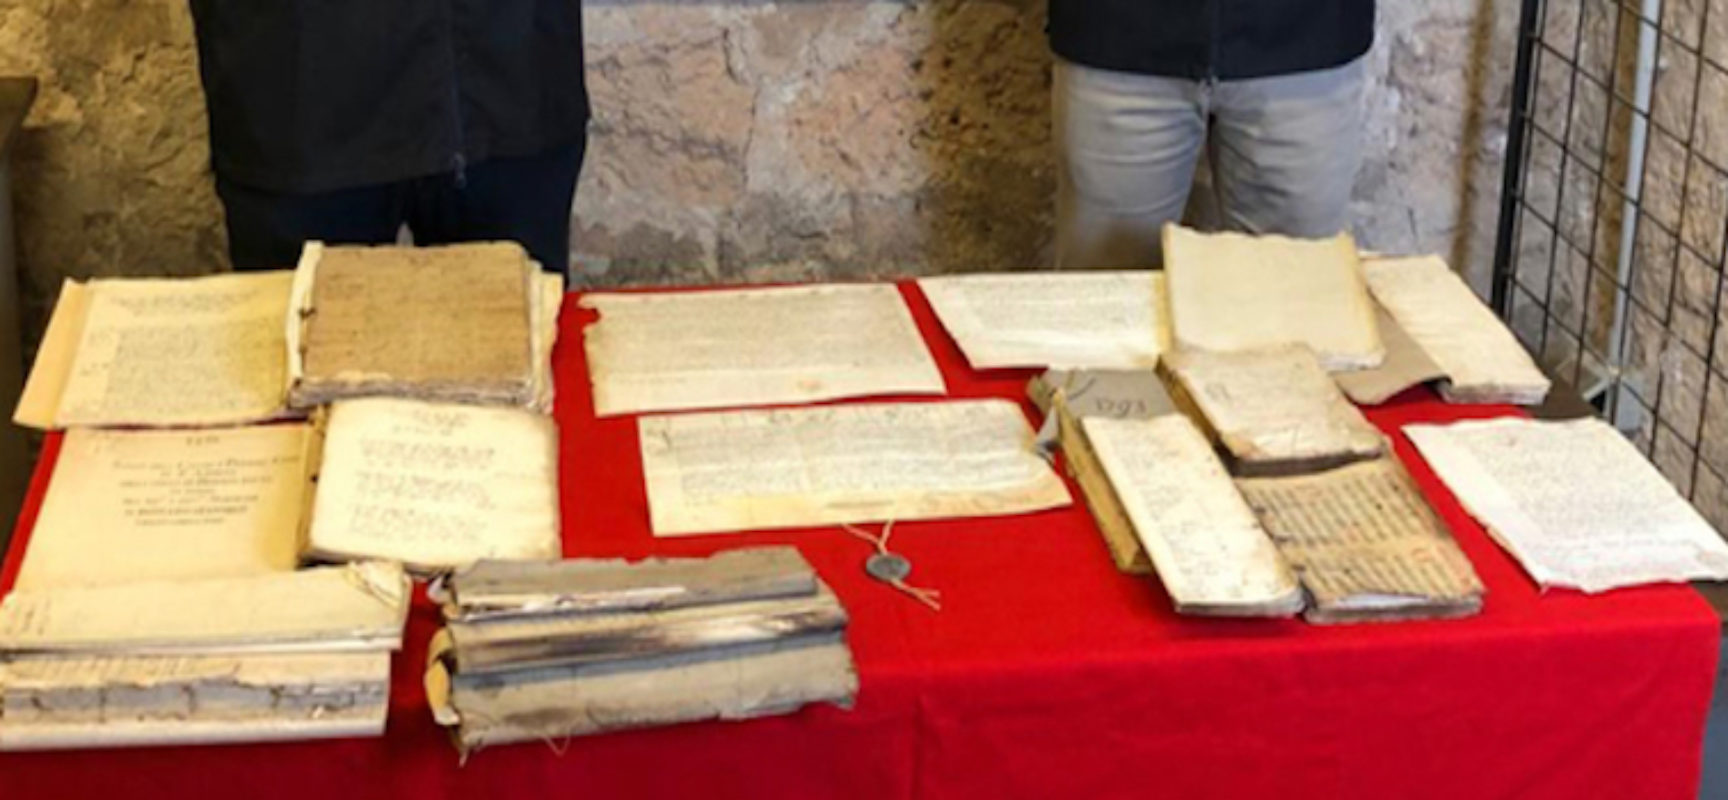 Rinvenuti documenti trafugati da archivio diocesano di Bisceglie per valore di 400mila euro